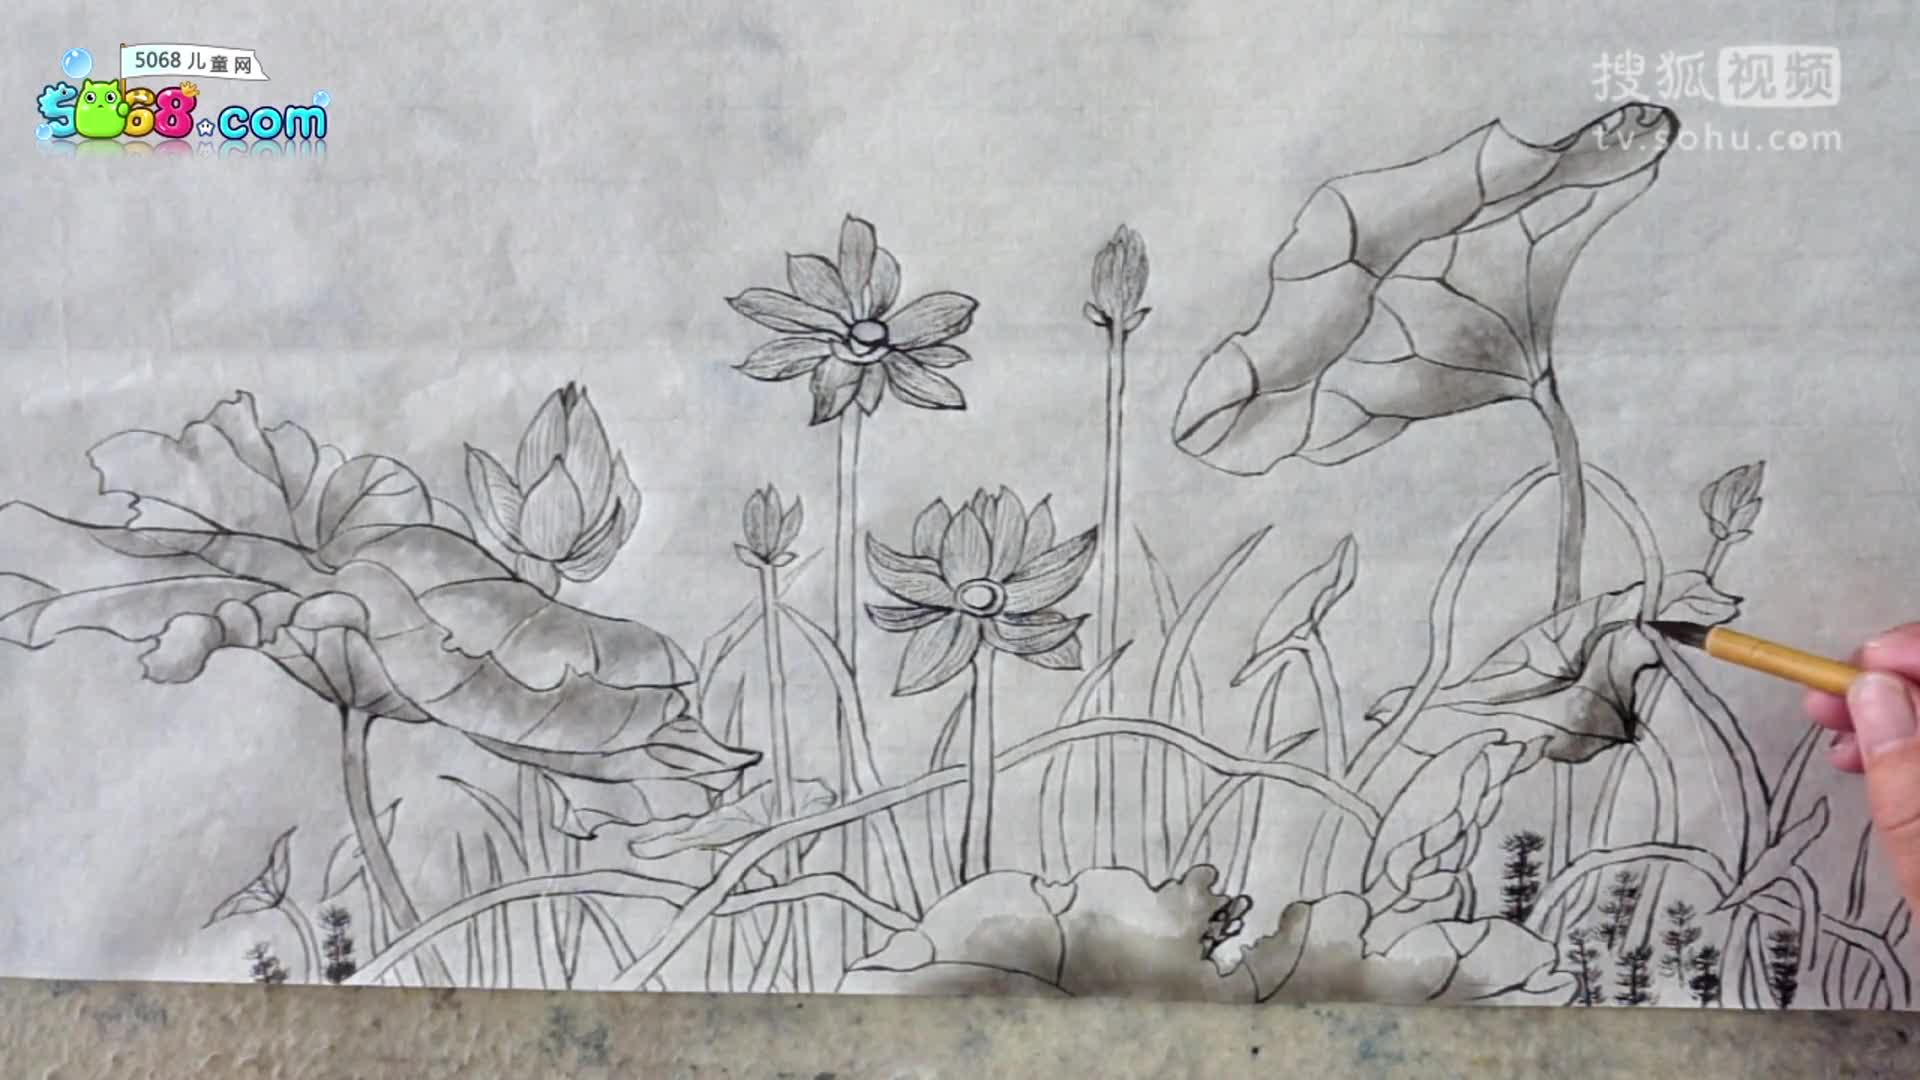 5068儿童网学国画第45课:工笔画-荷花渲染